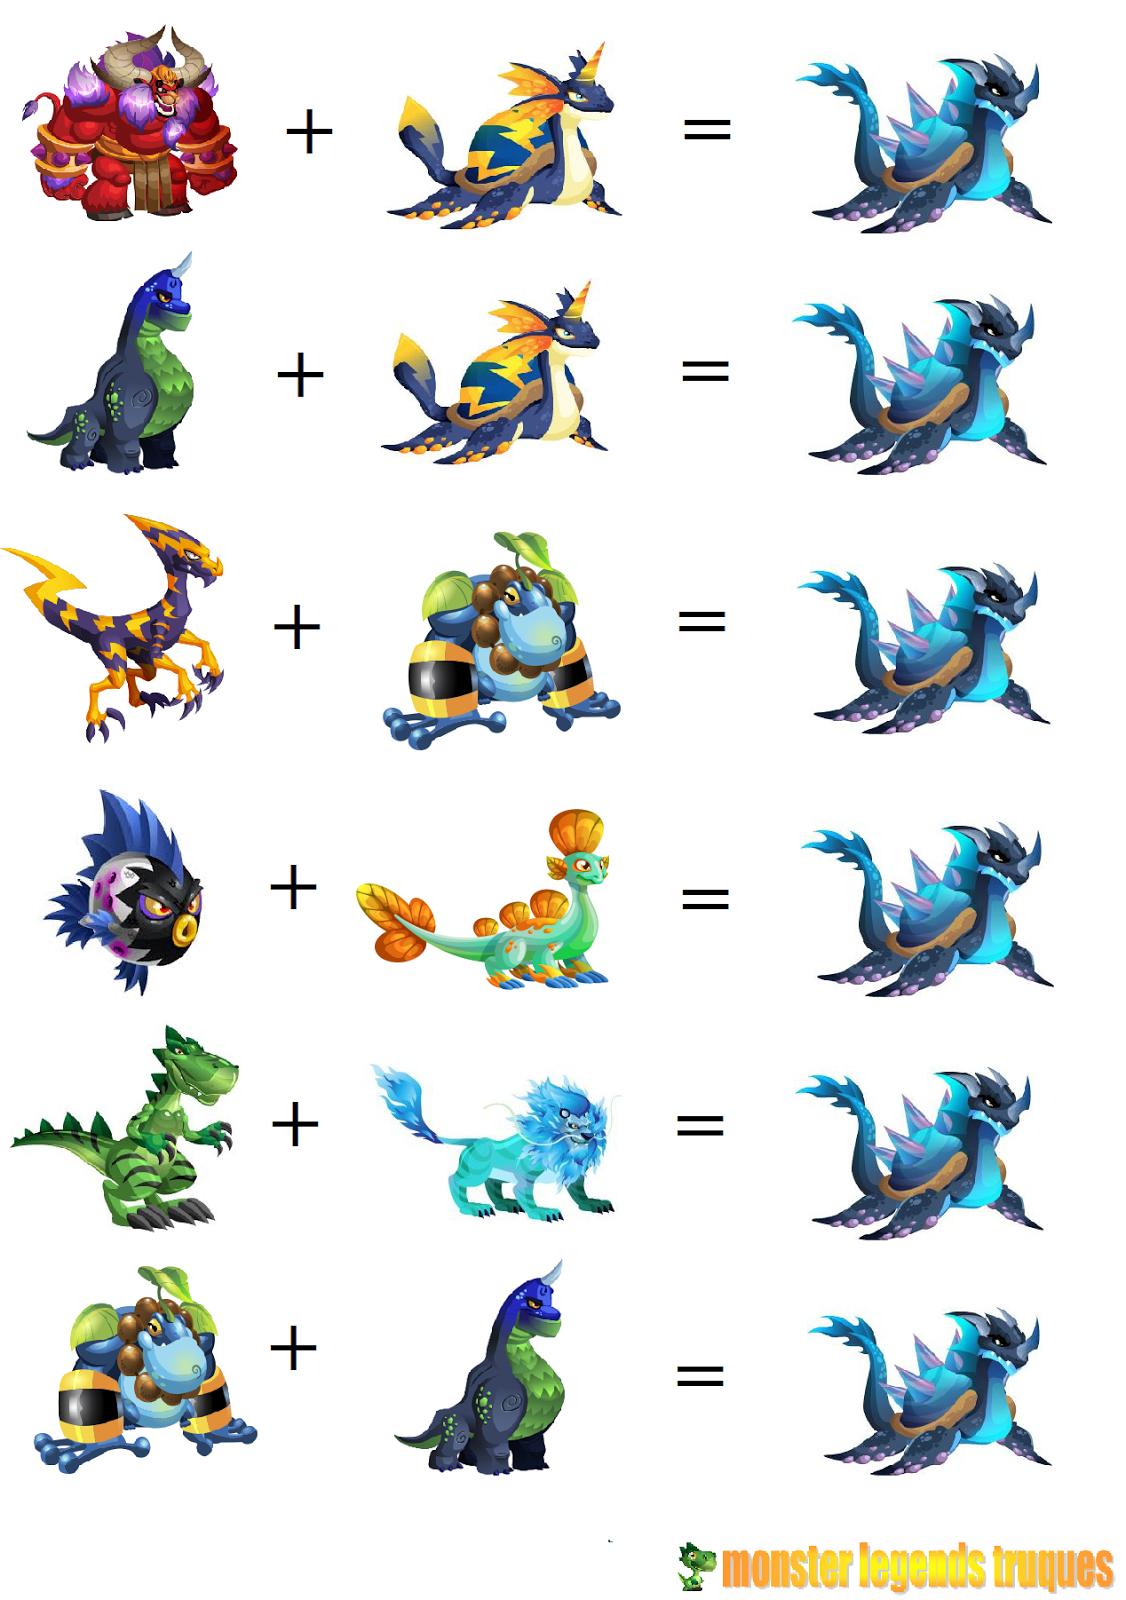 Monster Legends Breed Darknubis